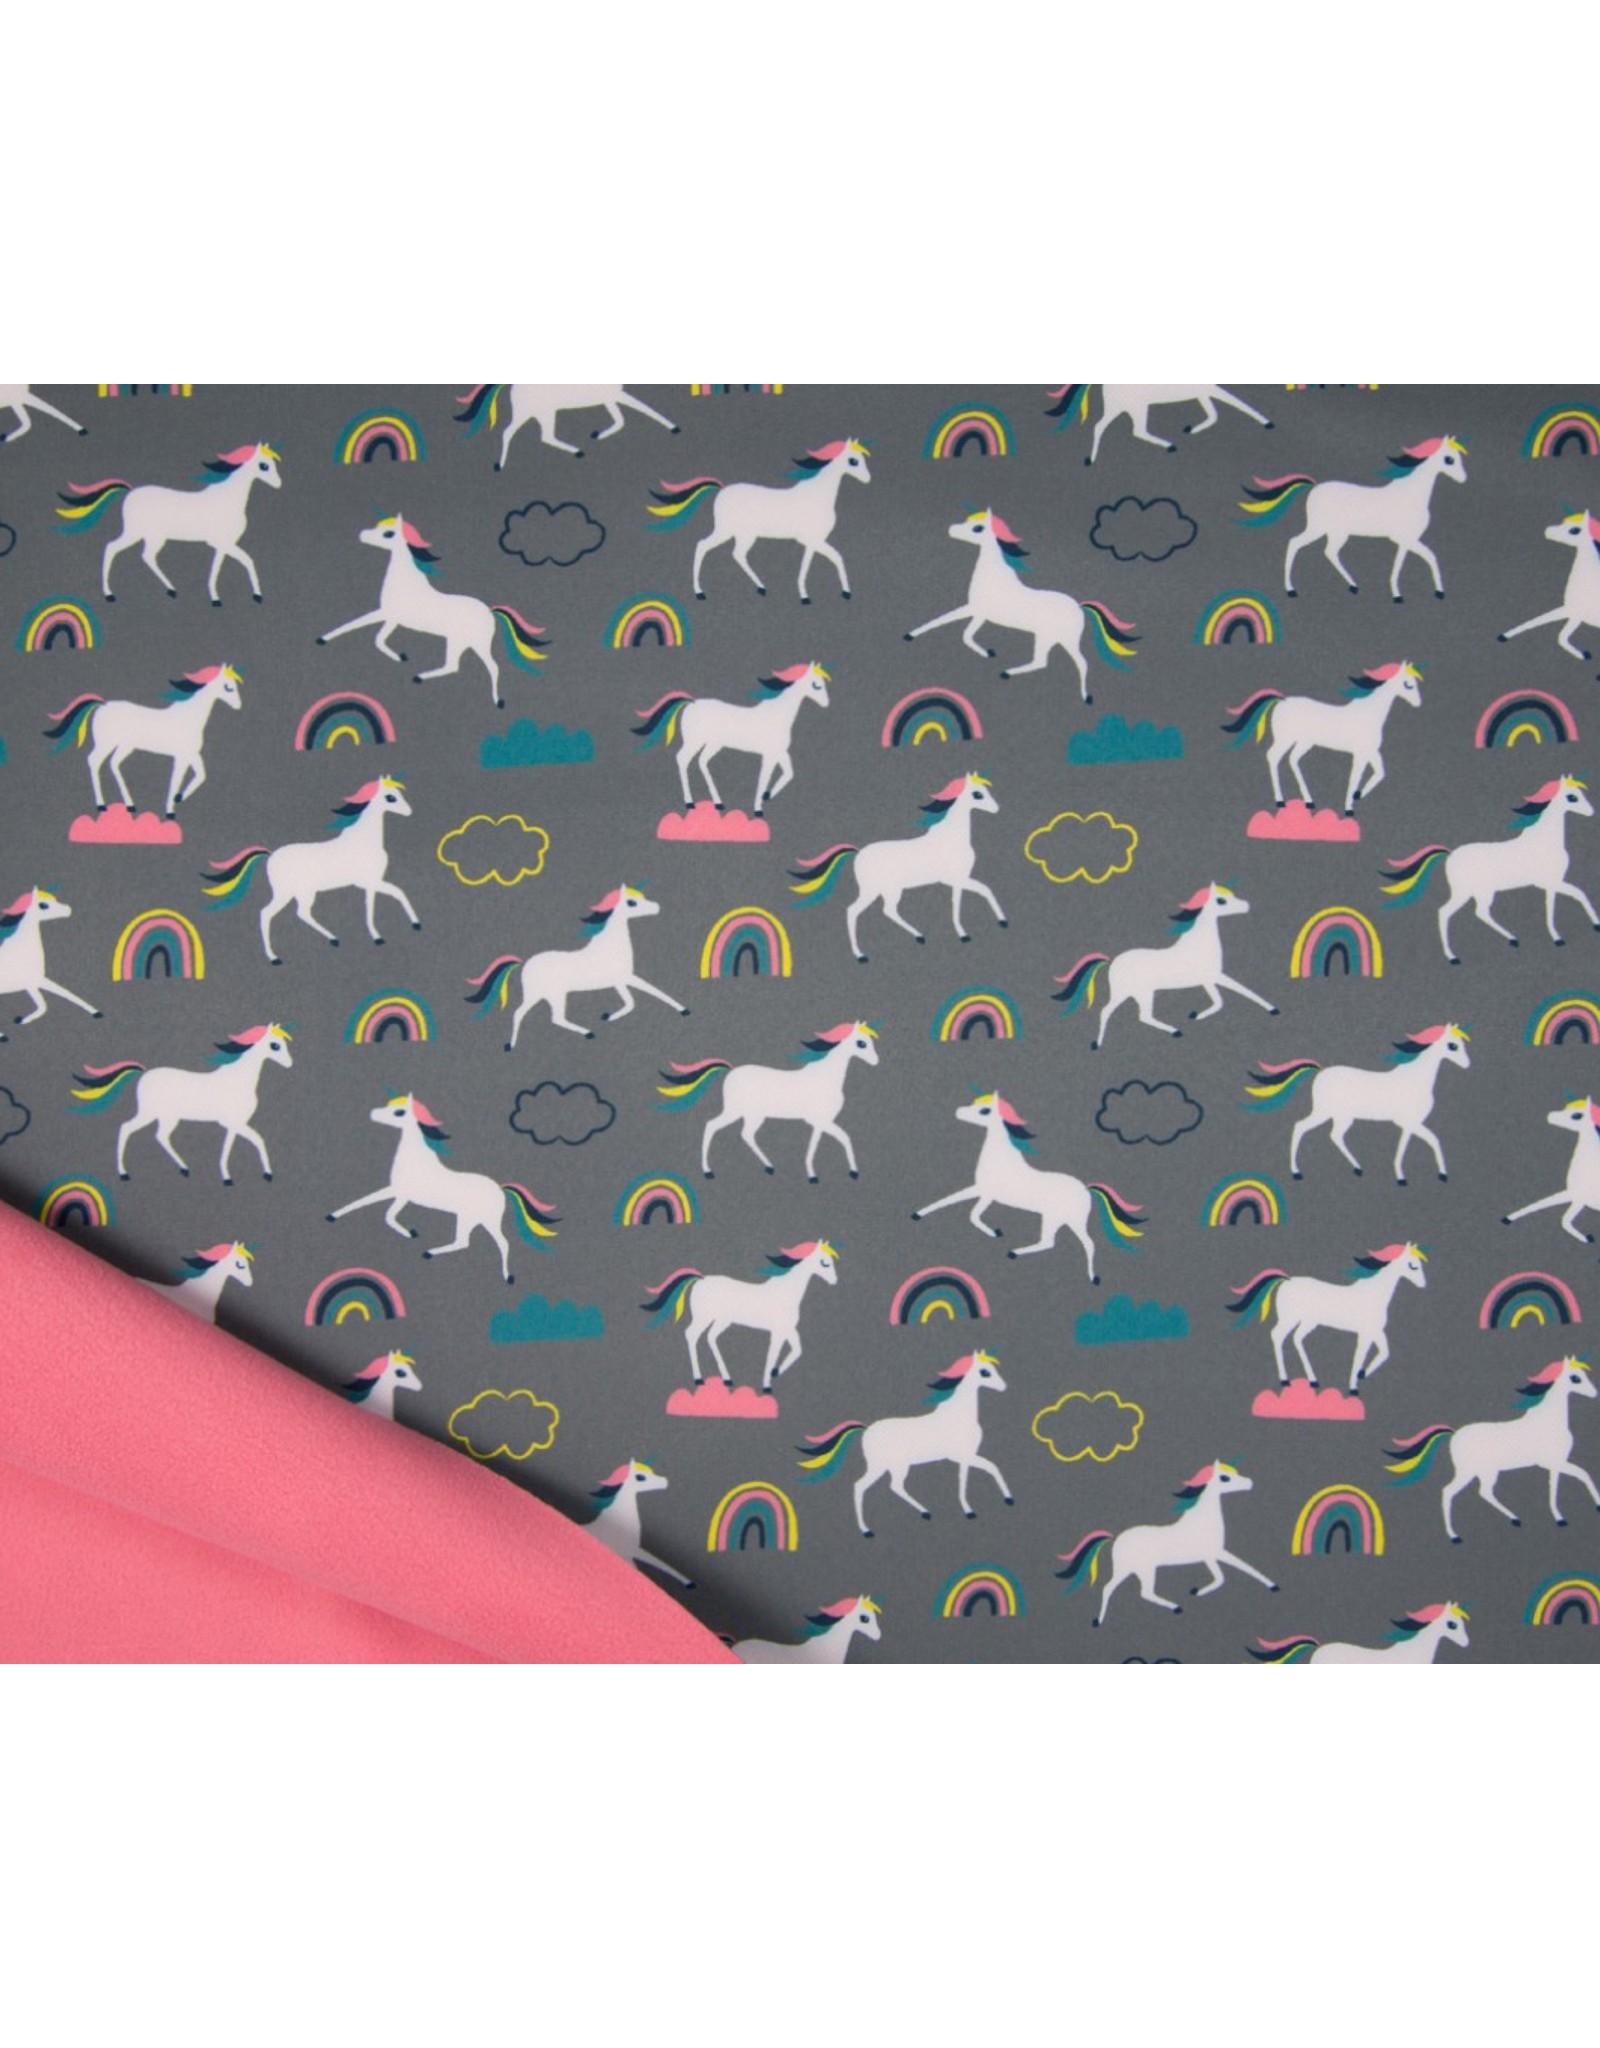 Softshell stoff Bedruckt - Unicorns Grey